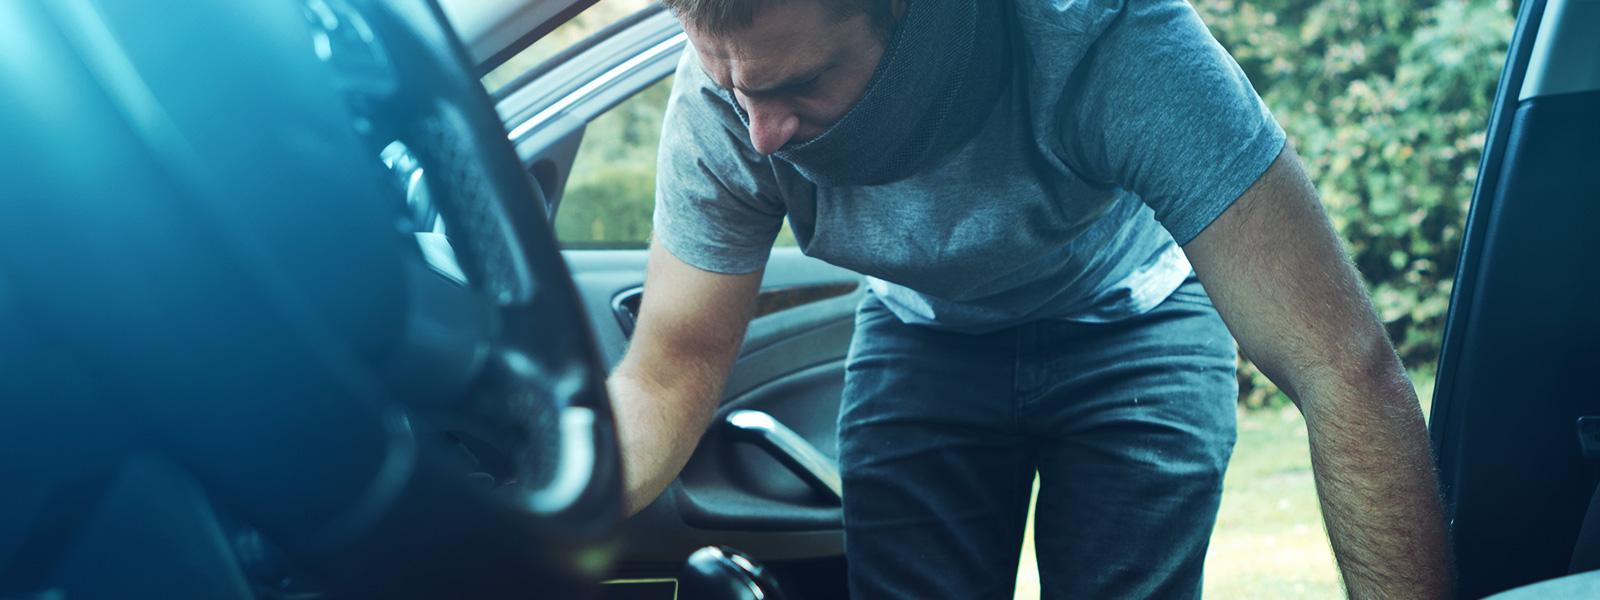 o-que-fazer-quando-presenciar-um-carro-sendo-roubado-blog-ceabs